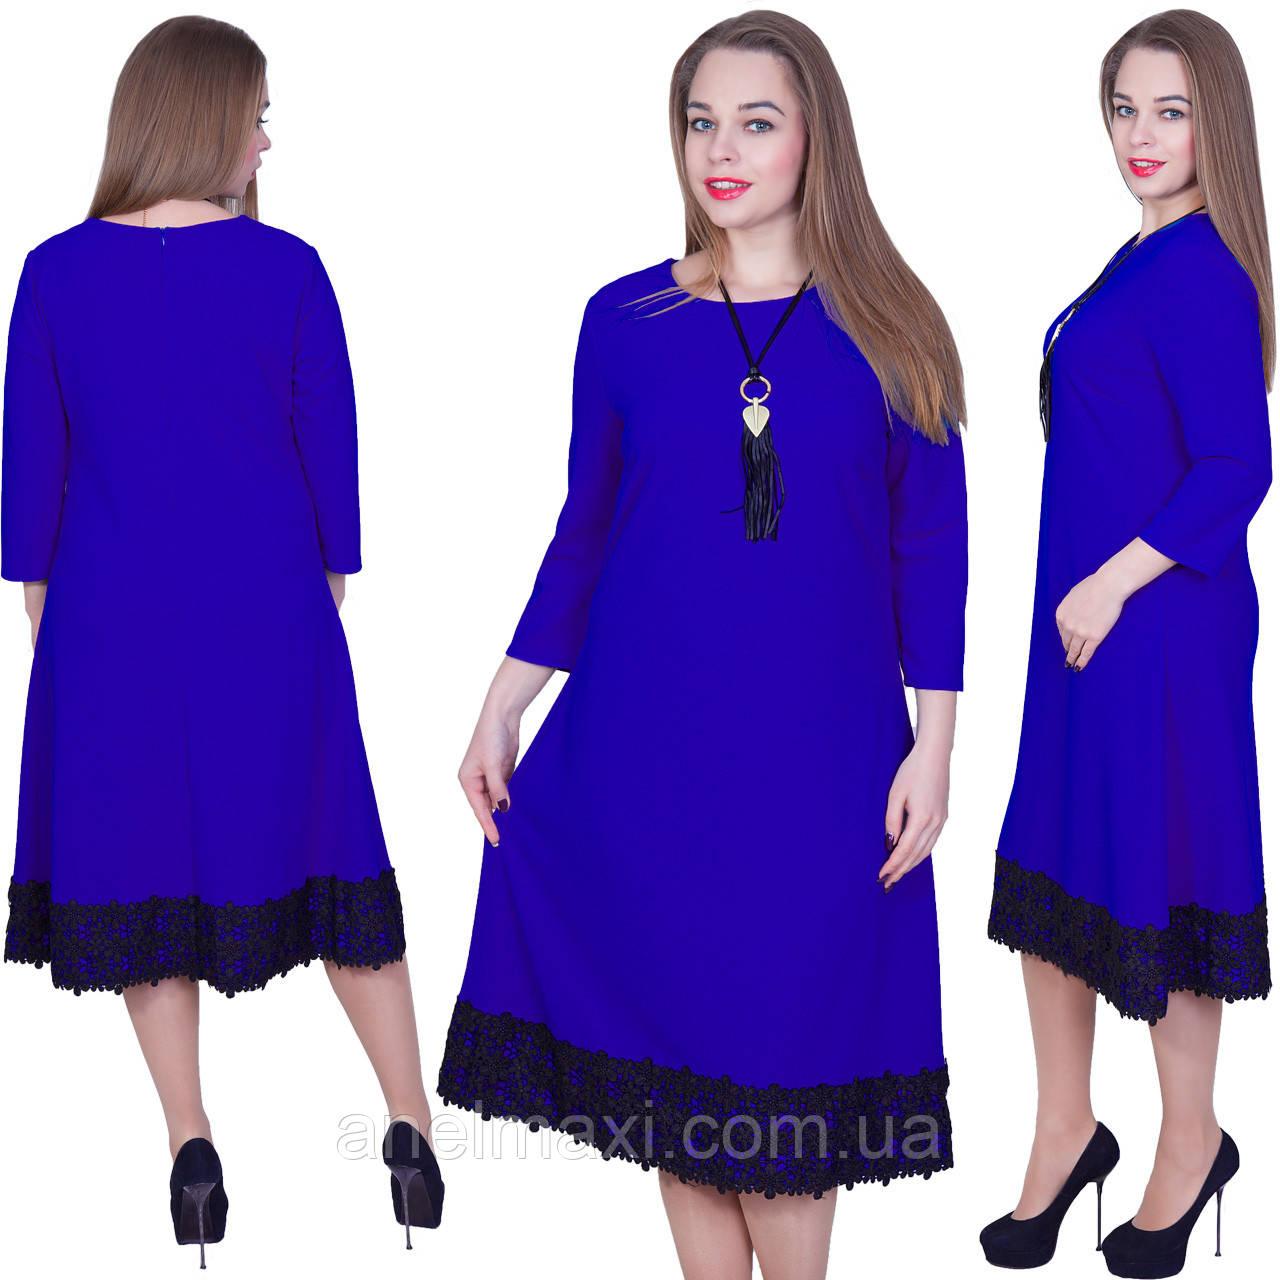 Платье 50 52 размера нарядное